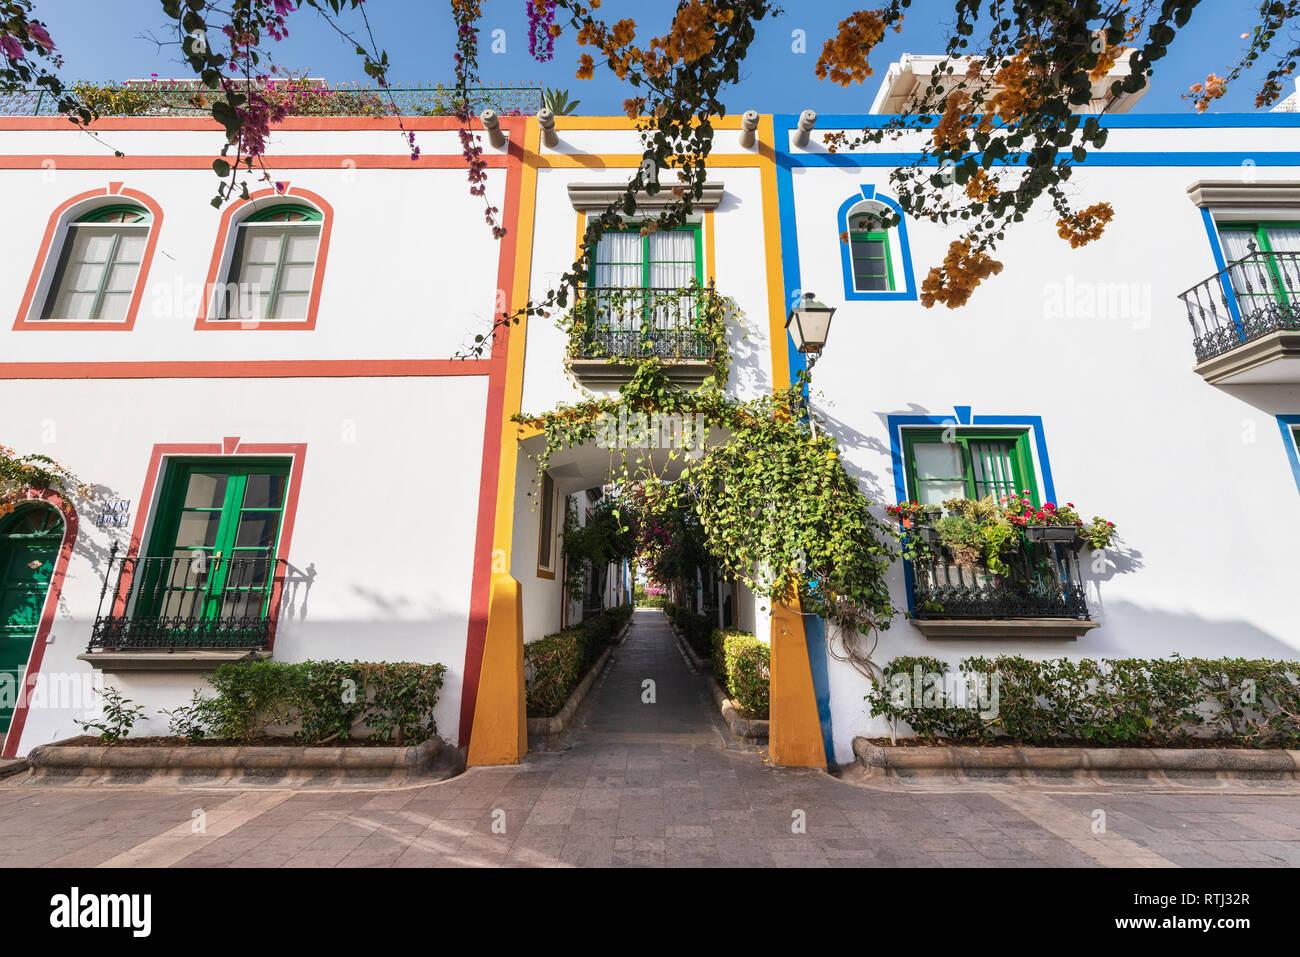 Puerto de Mogan, hermoso destino turístico en Gran Canaria, Islas Canarias, España . Foto de stock